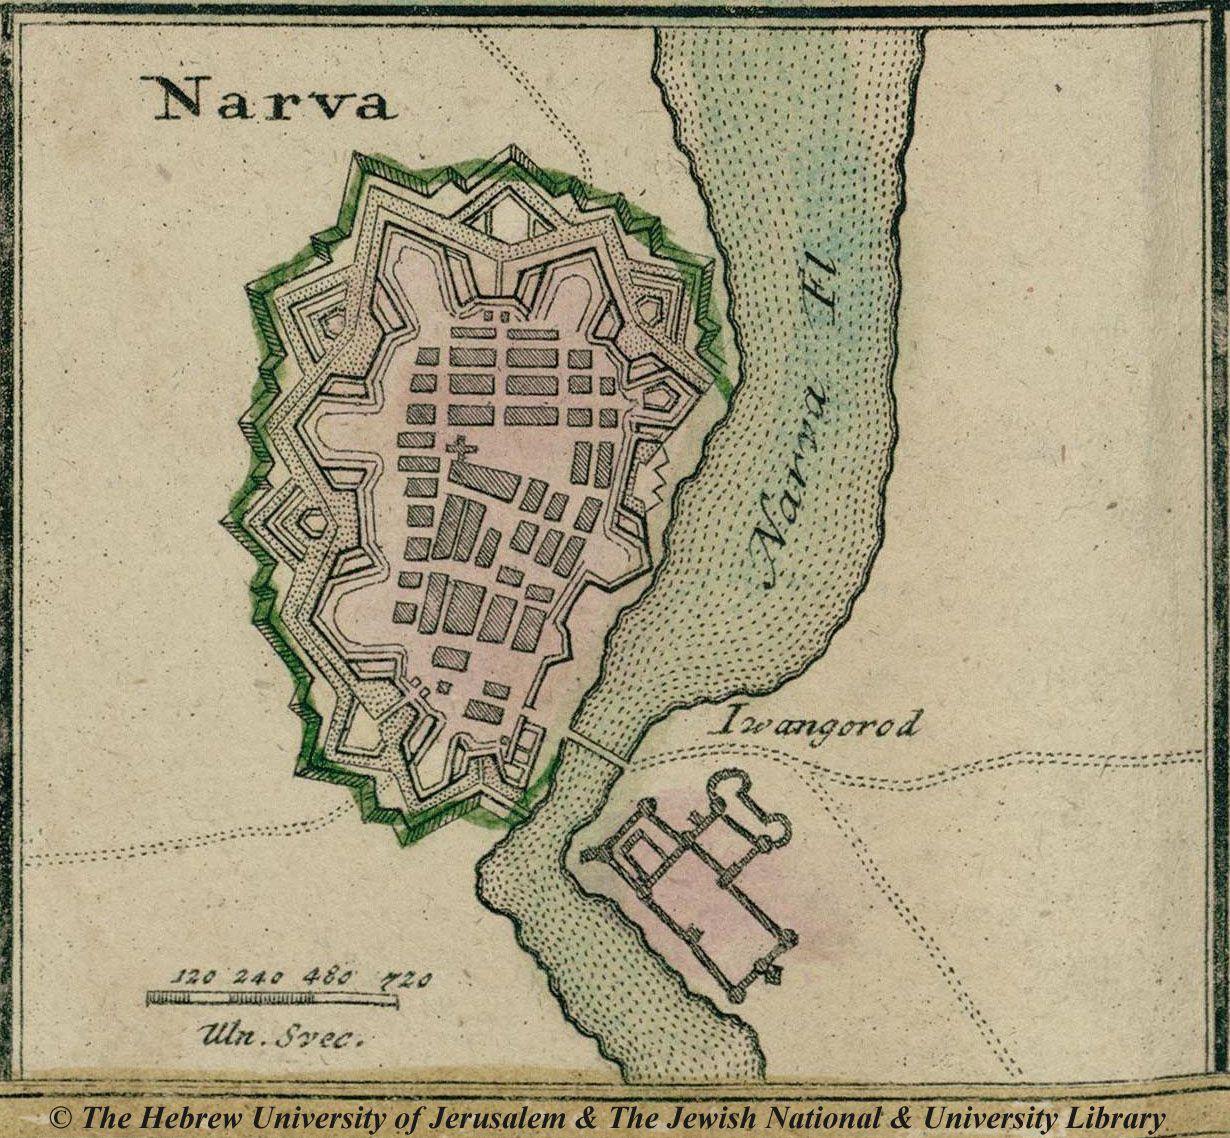 c1750 Narva Maps Pinterest